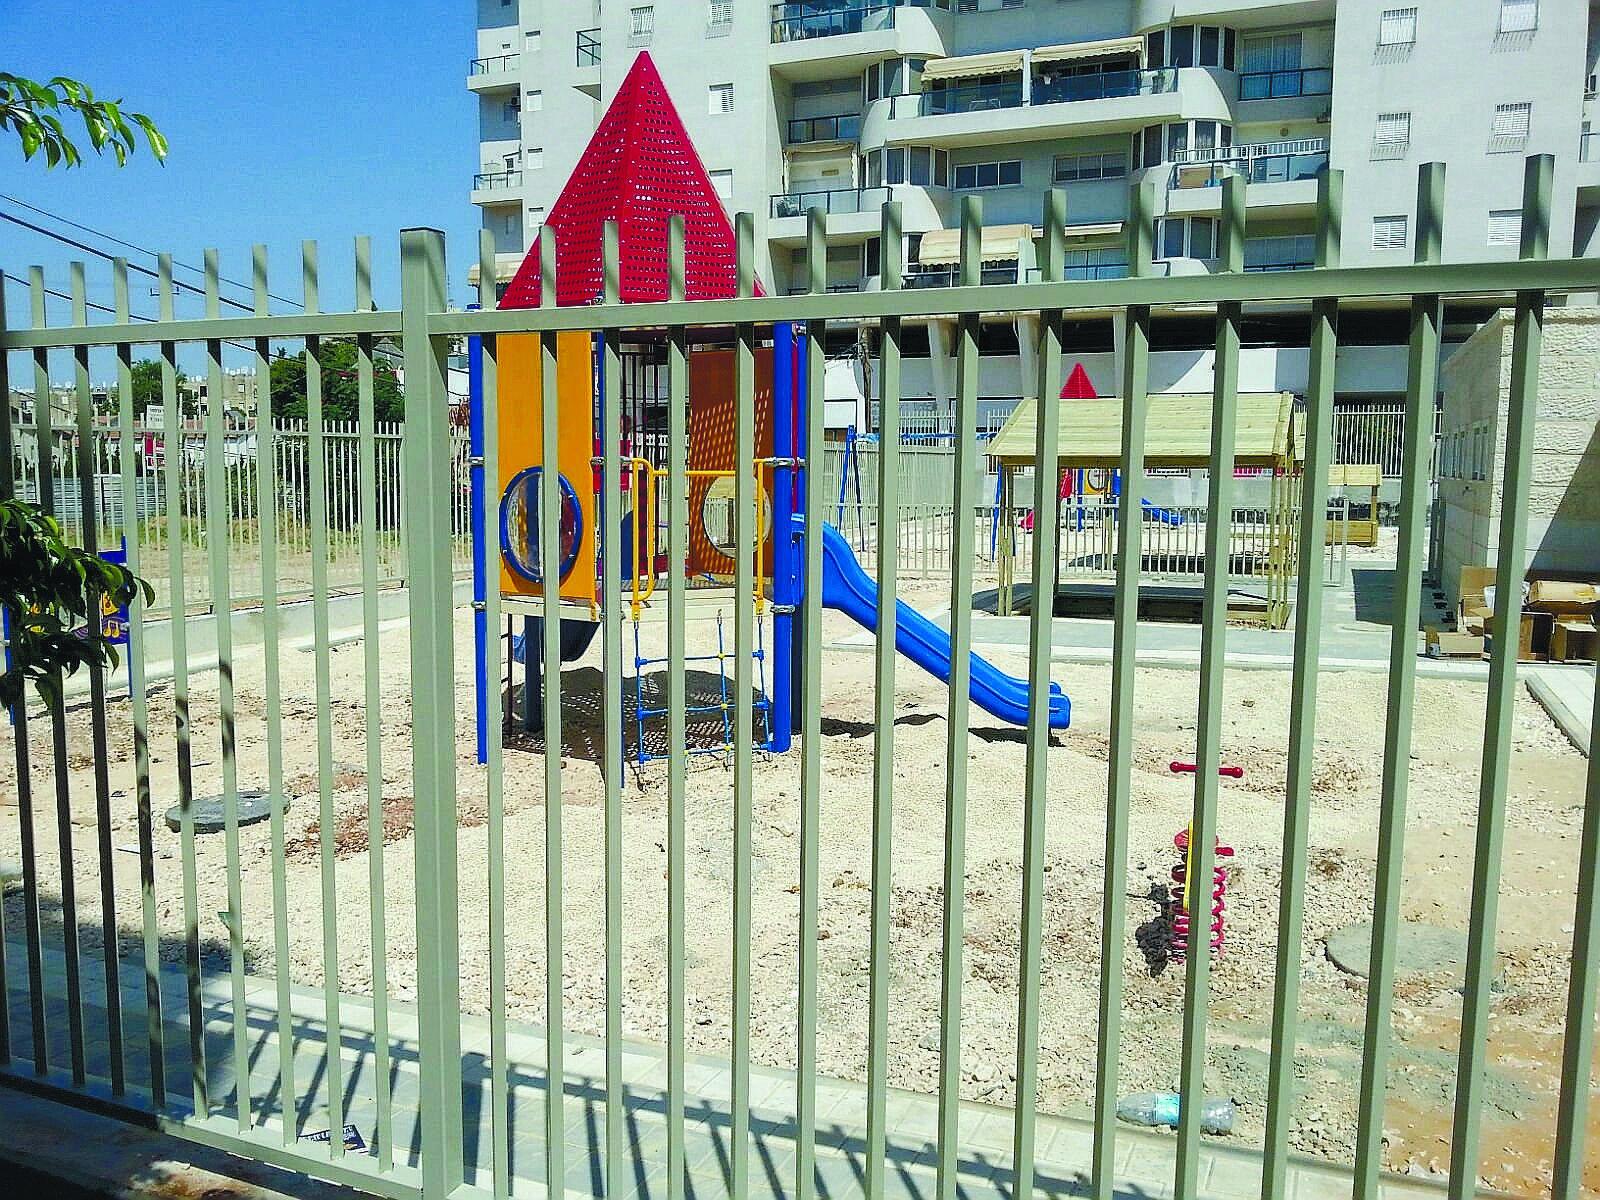 גני הילדים ברחוב ירון מאיה בשכונת מחנה יהודה גן מאור וגן אבן השמש